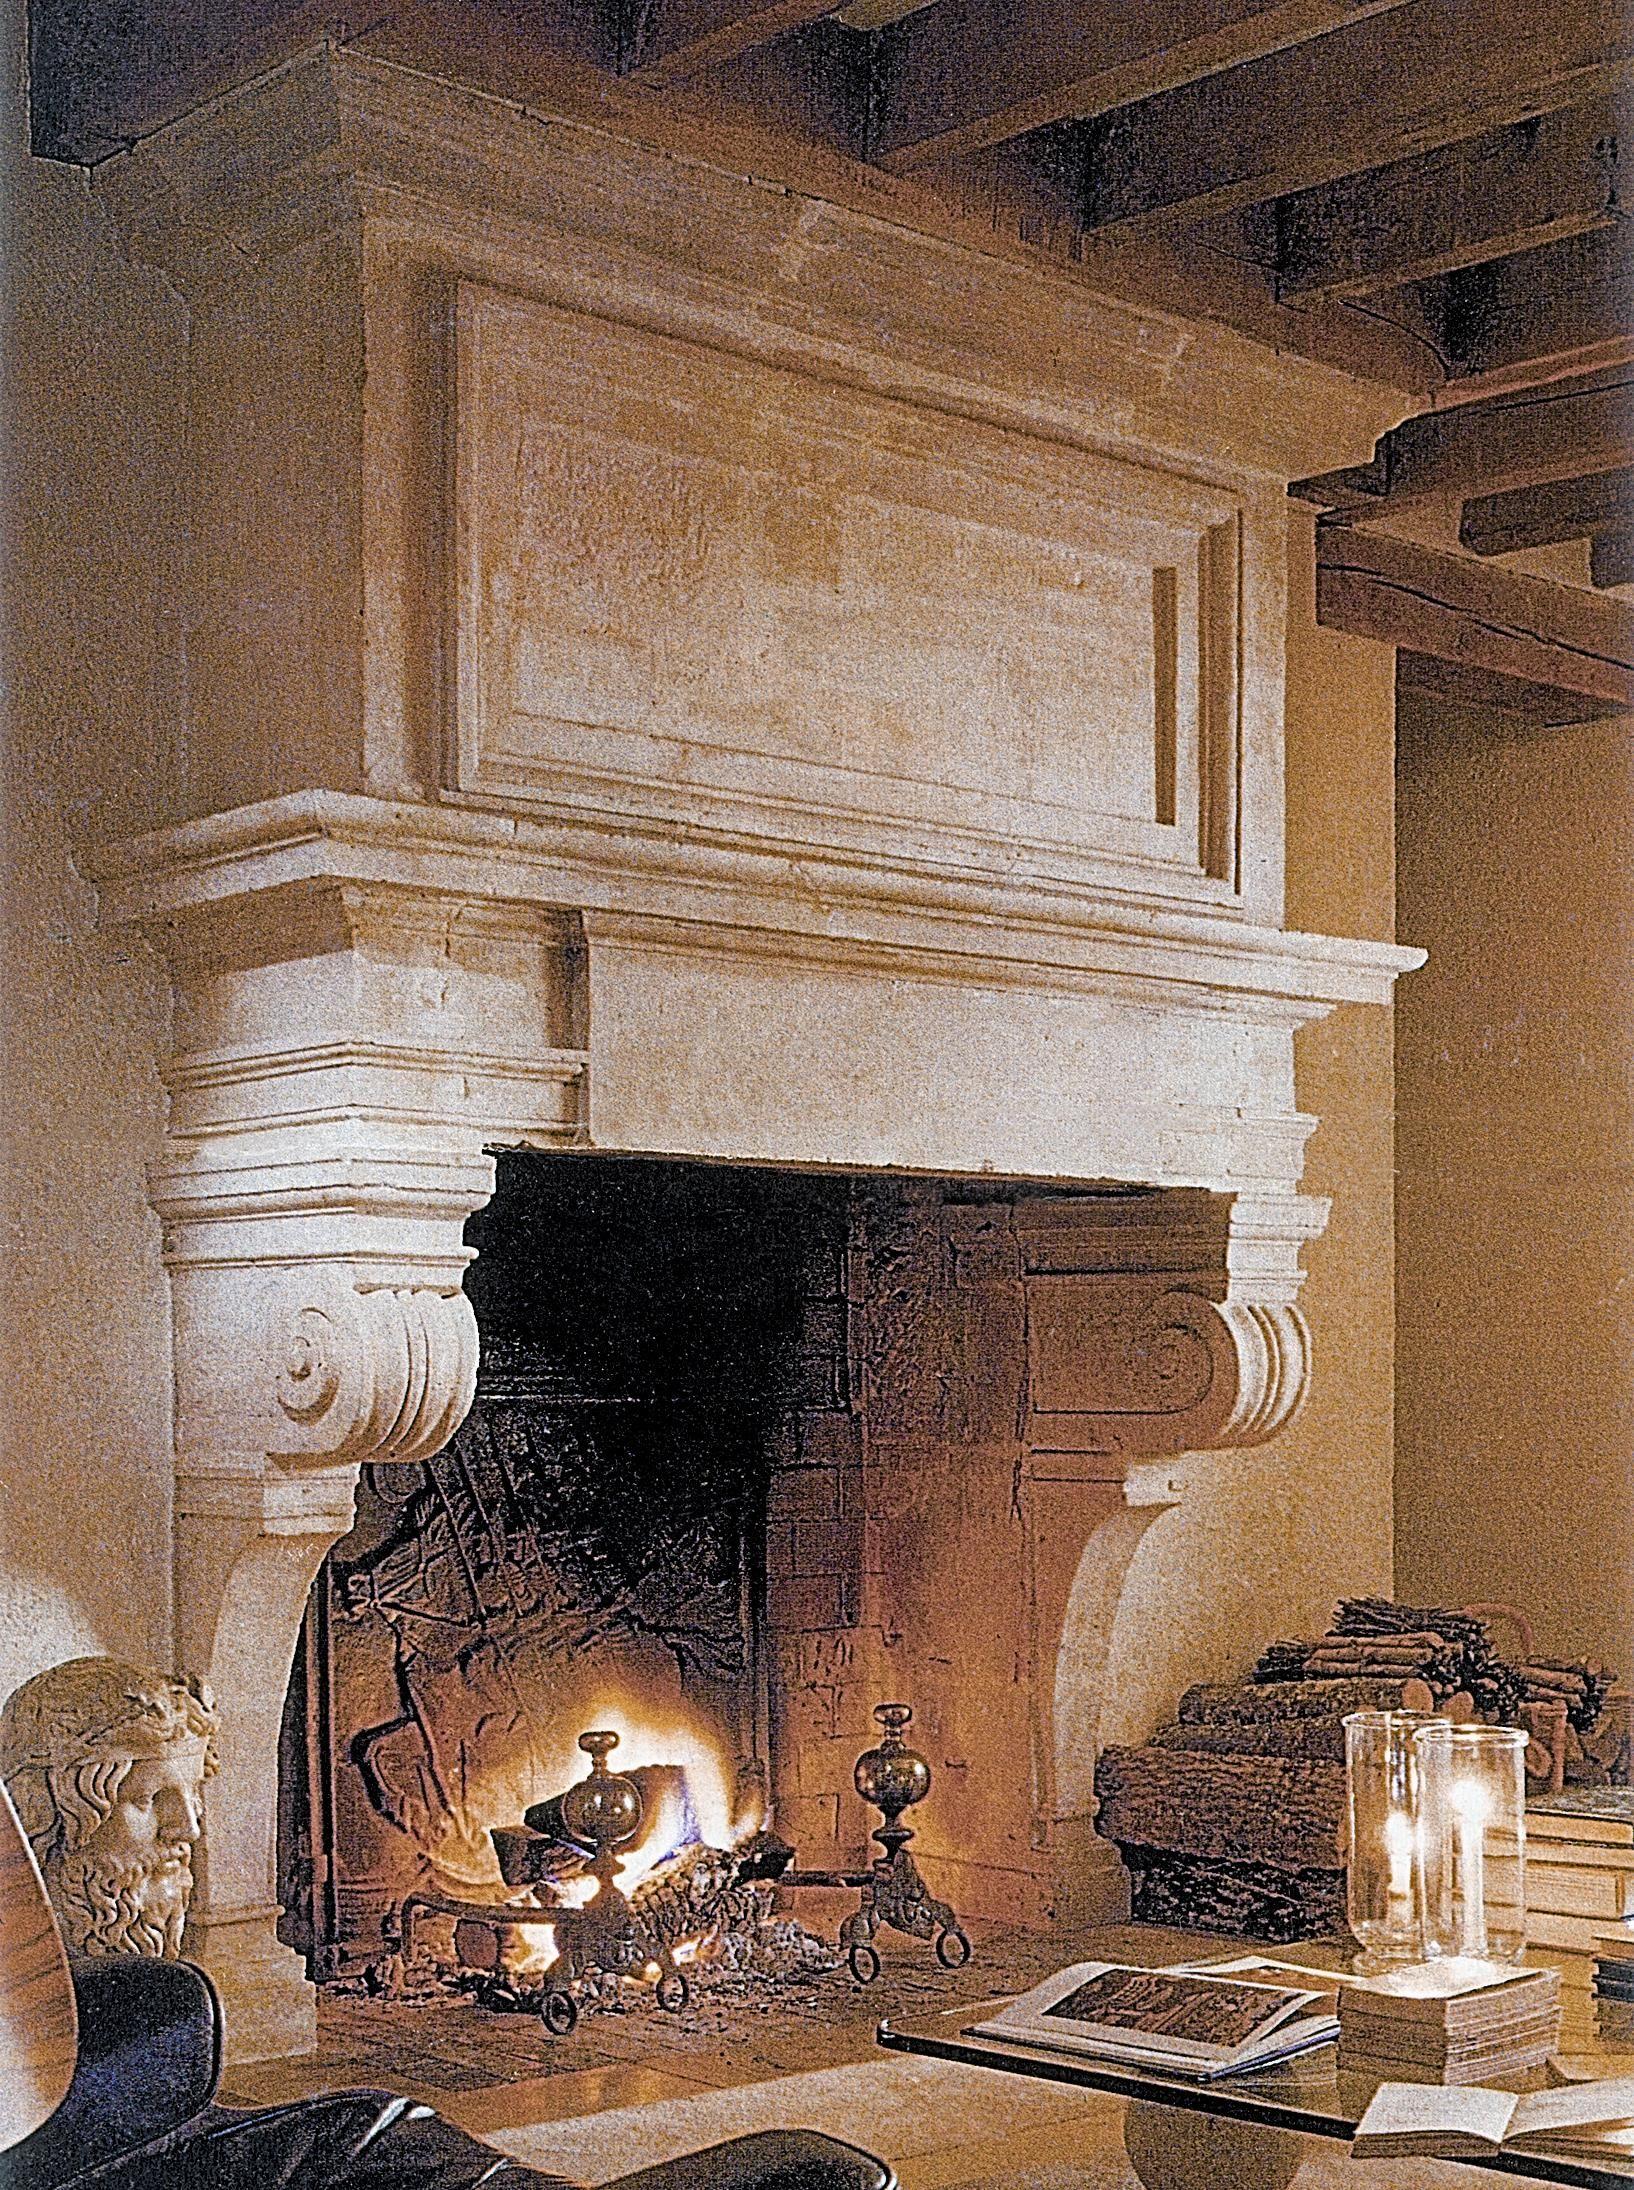 fireplace mantel designs | Designs' Fireplace Mantels Recreate an ...